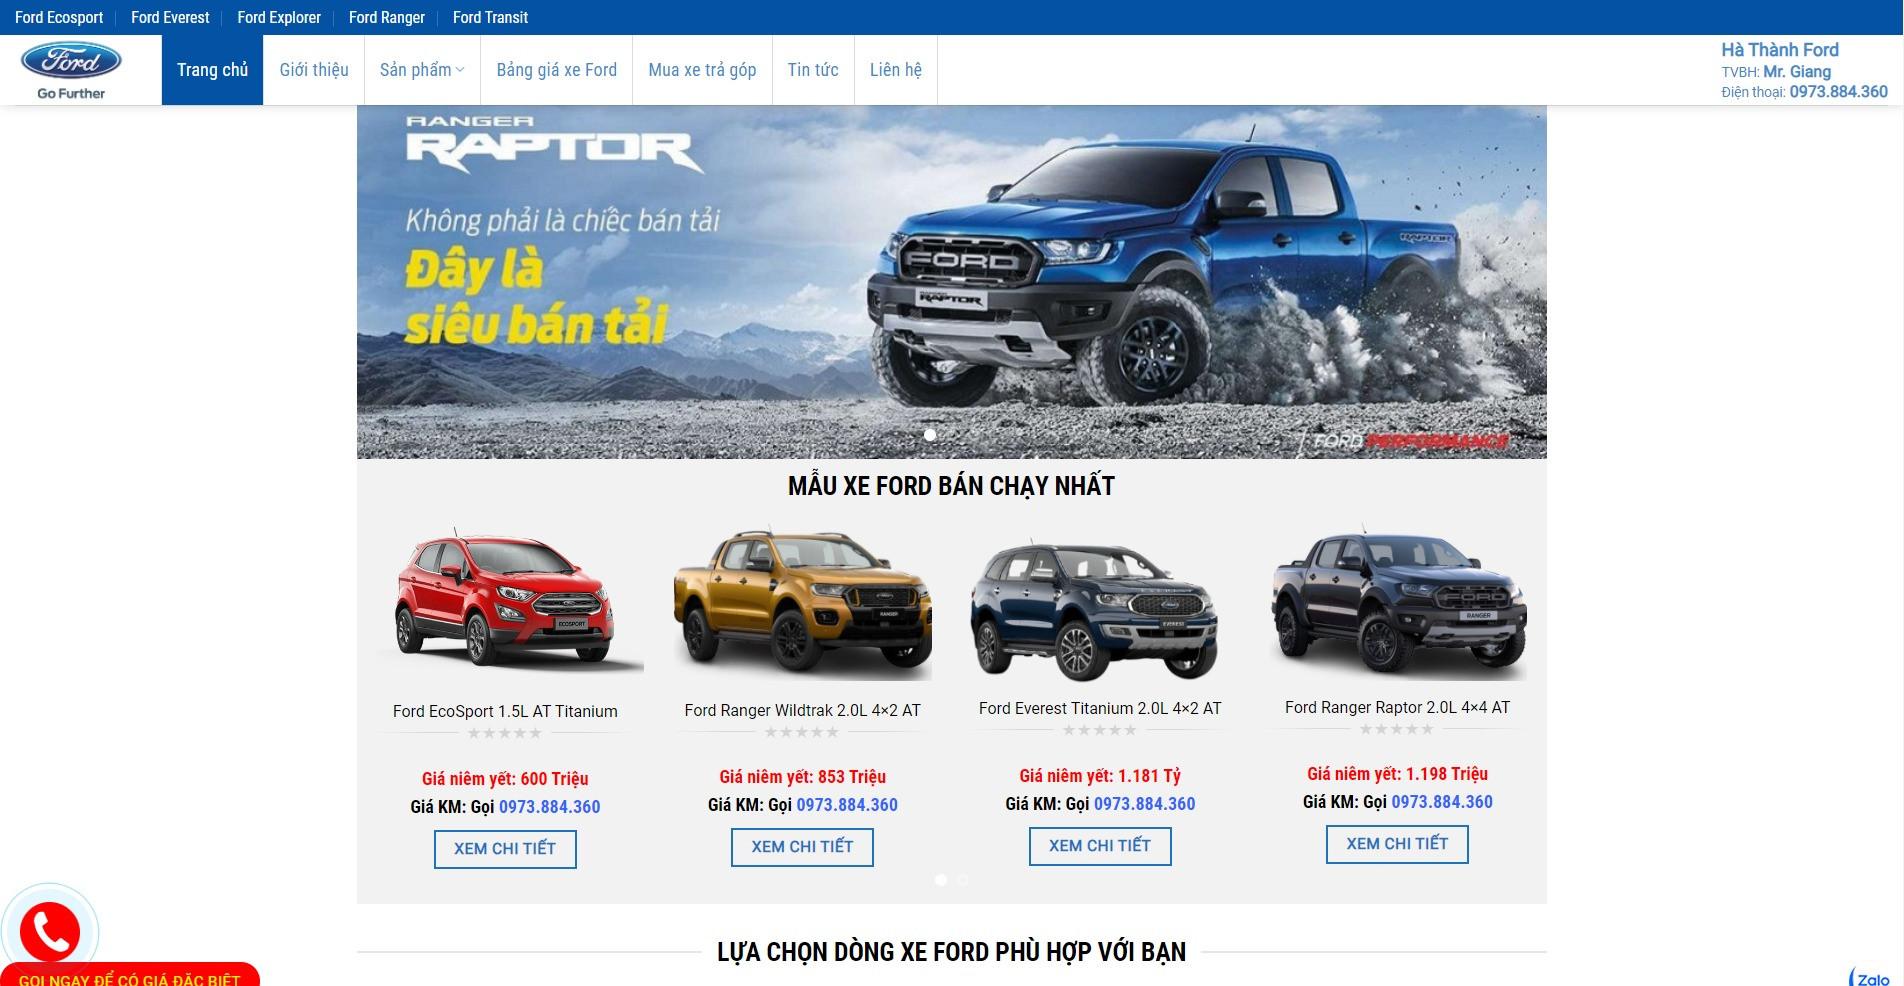 Trang chủ Website ô tô Ford Hà Thành